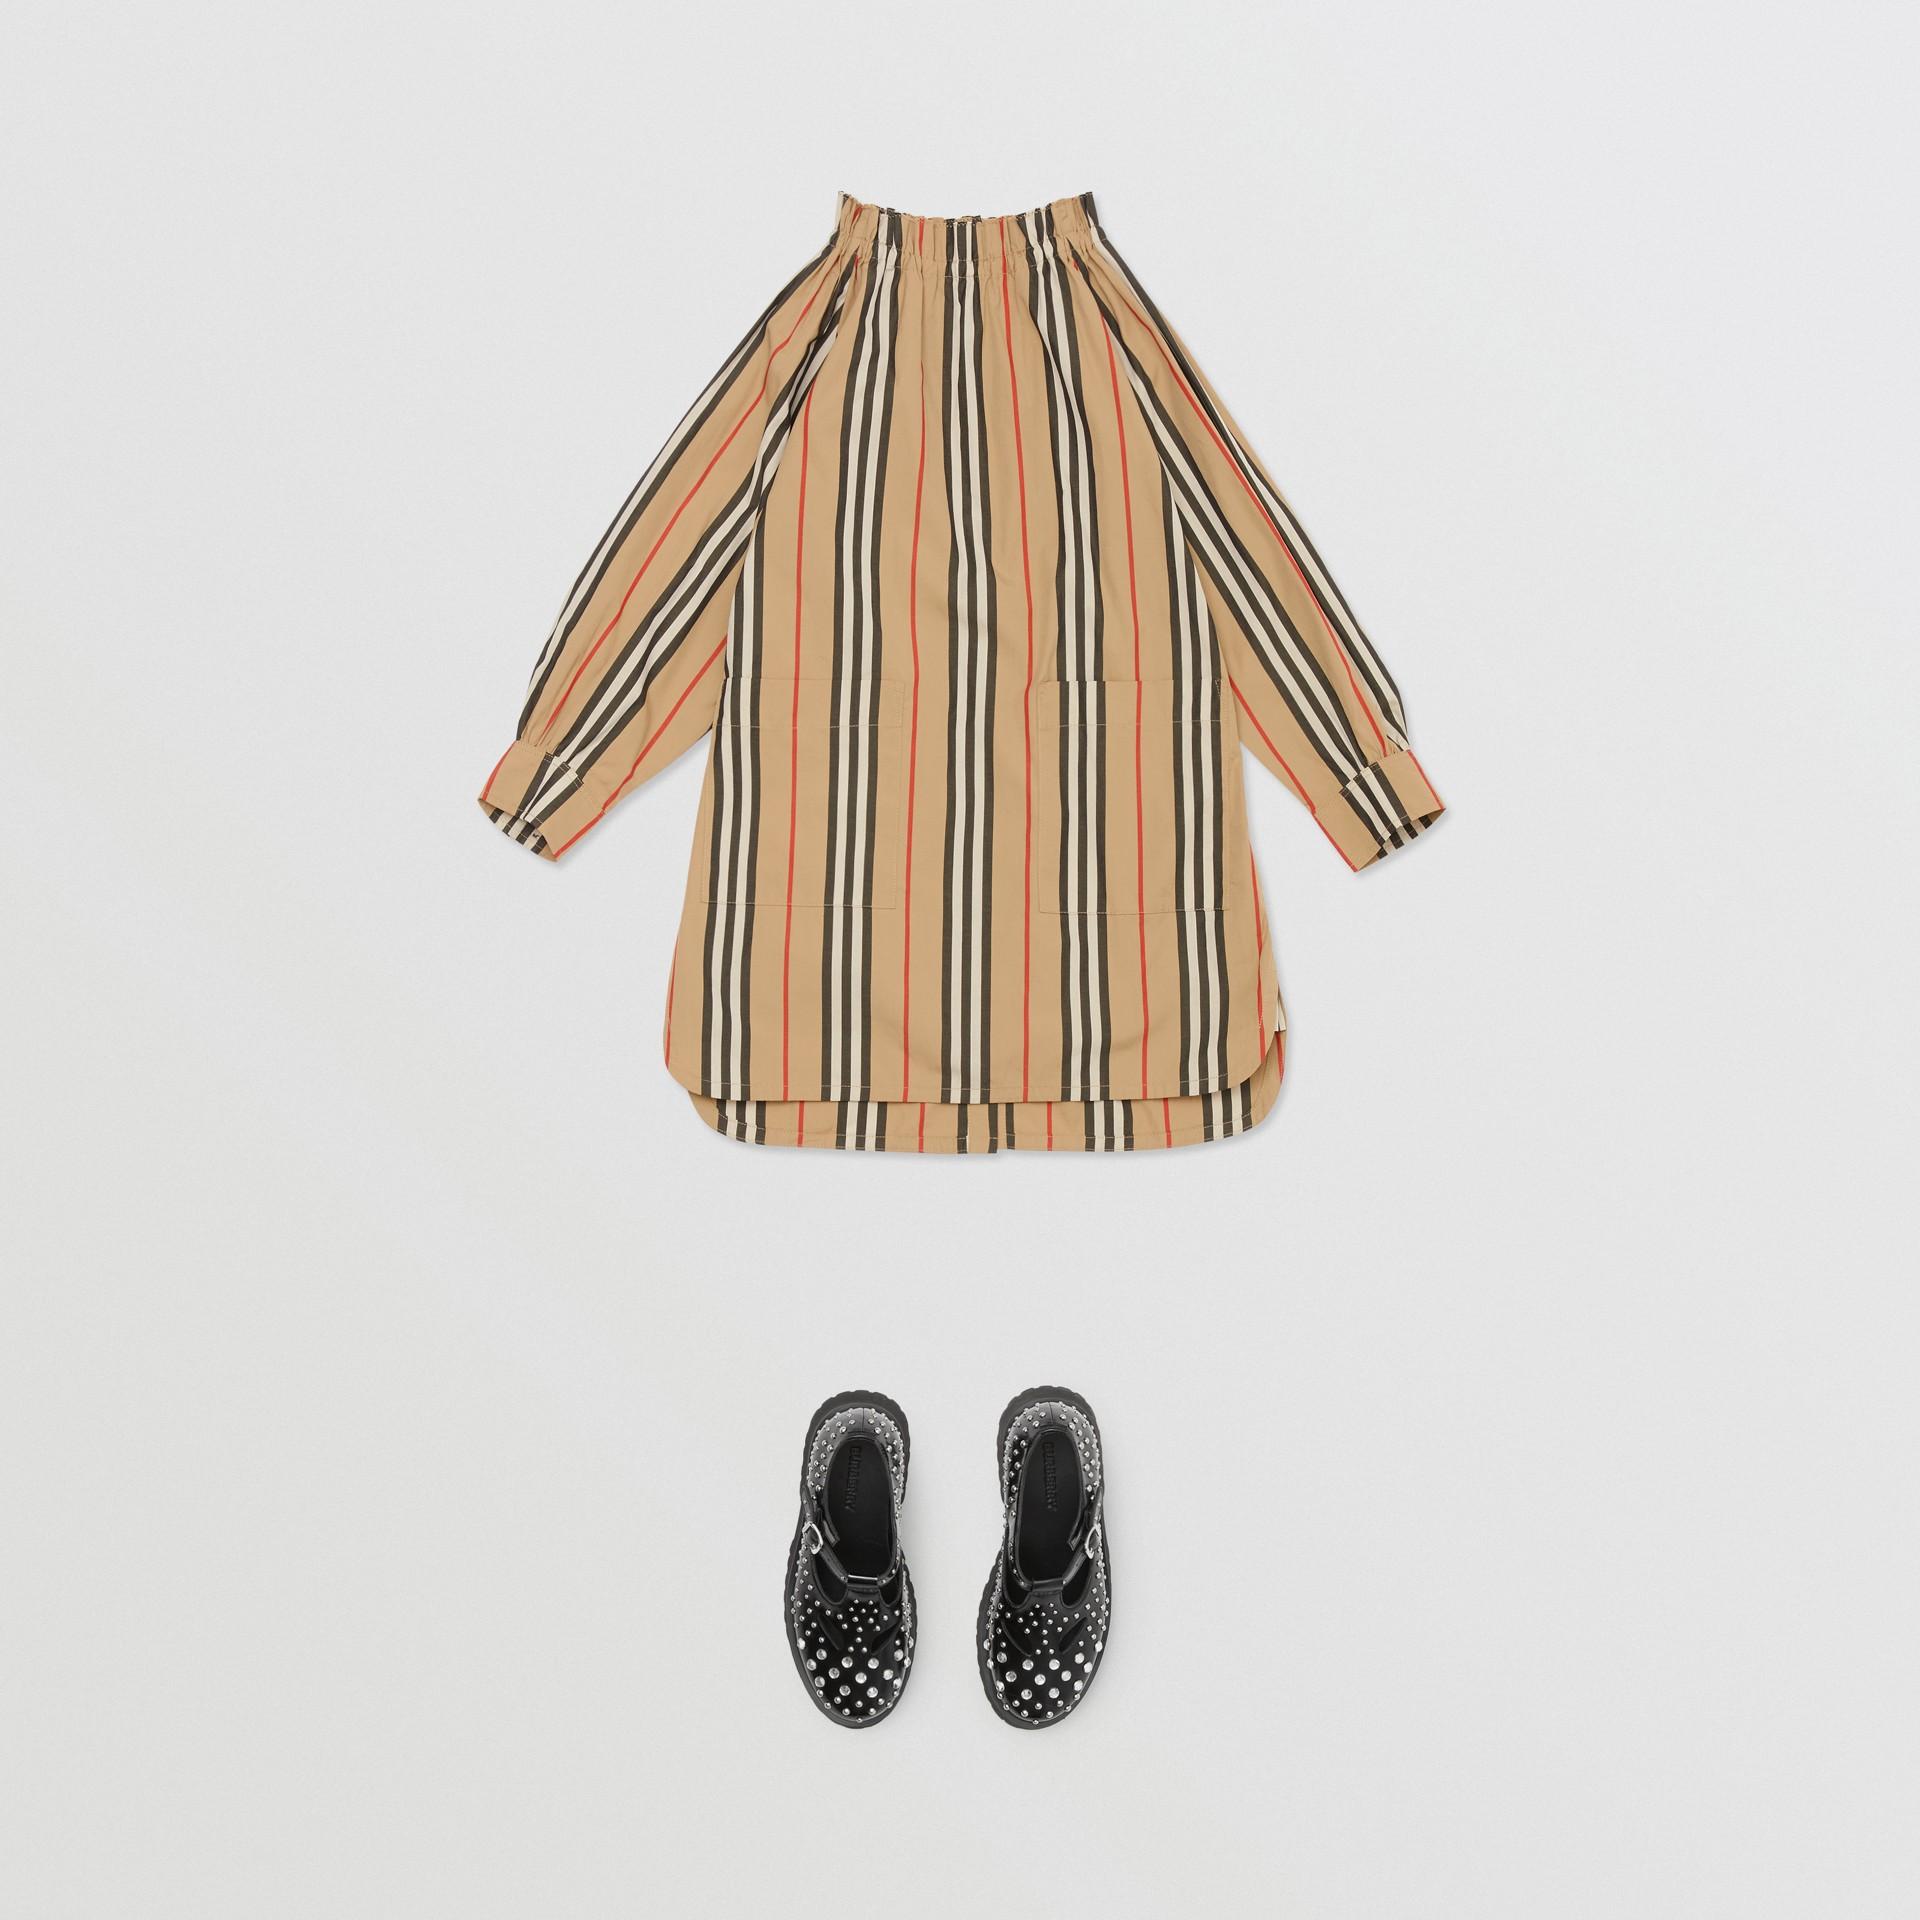 アイコンストライプ コットンポプリン ドレス (アーカイブベージュ) | バーバリー - ギャラリーイメージ 2